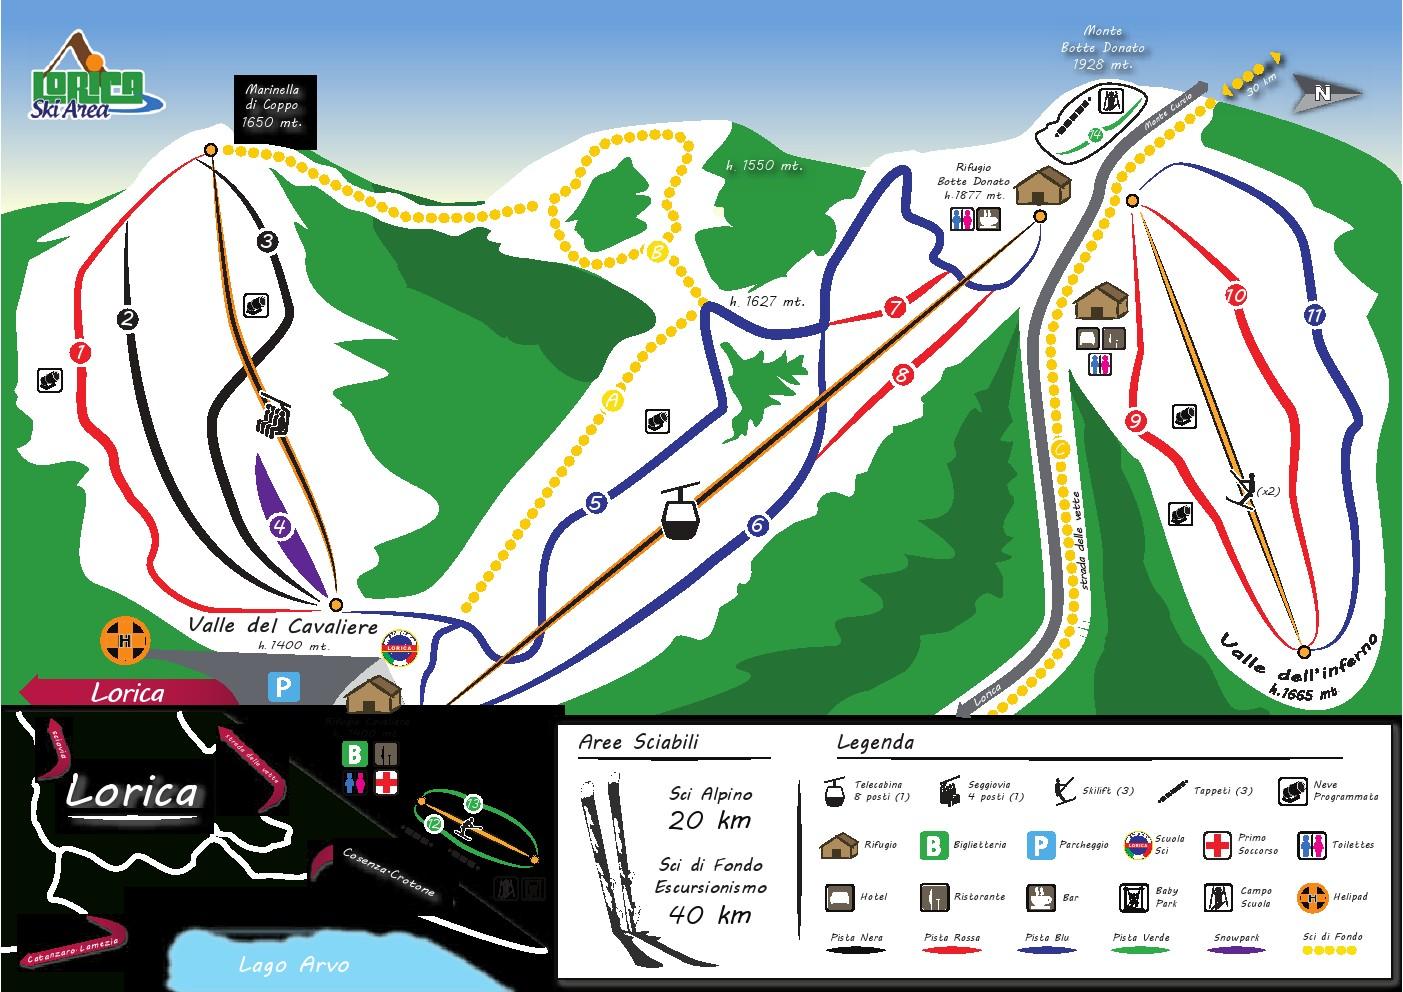 Mappa piste da sci di Lorica